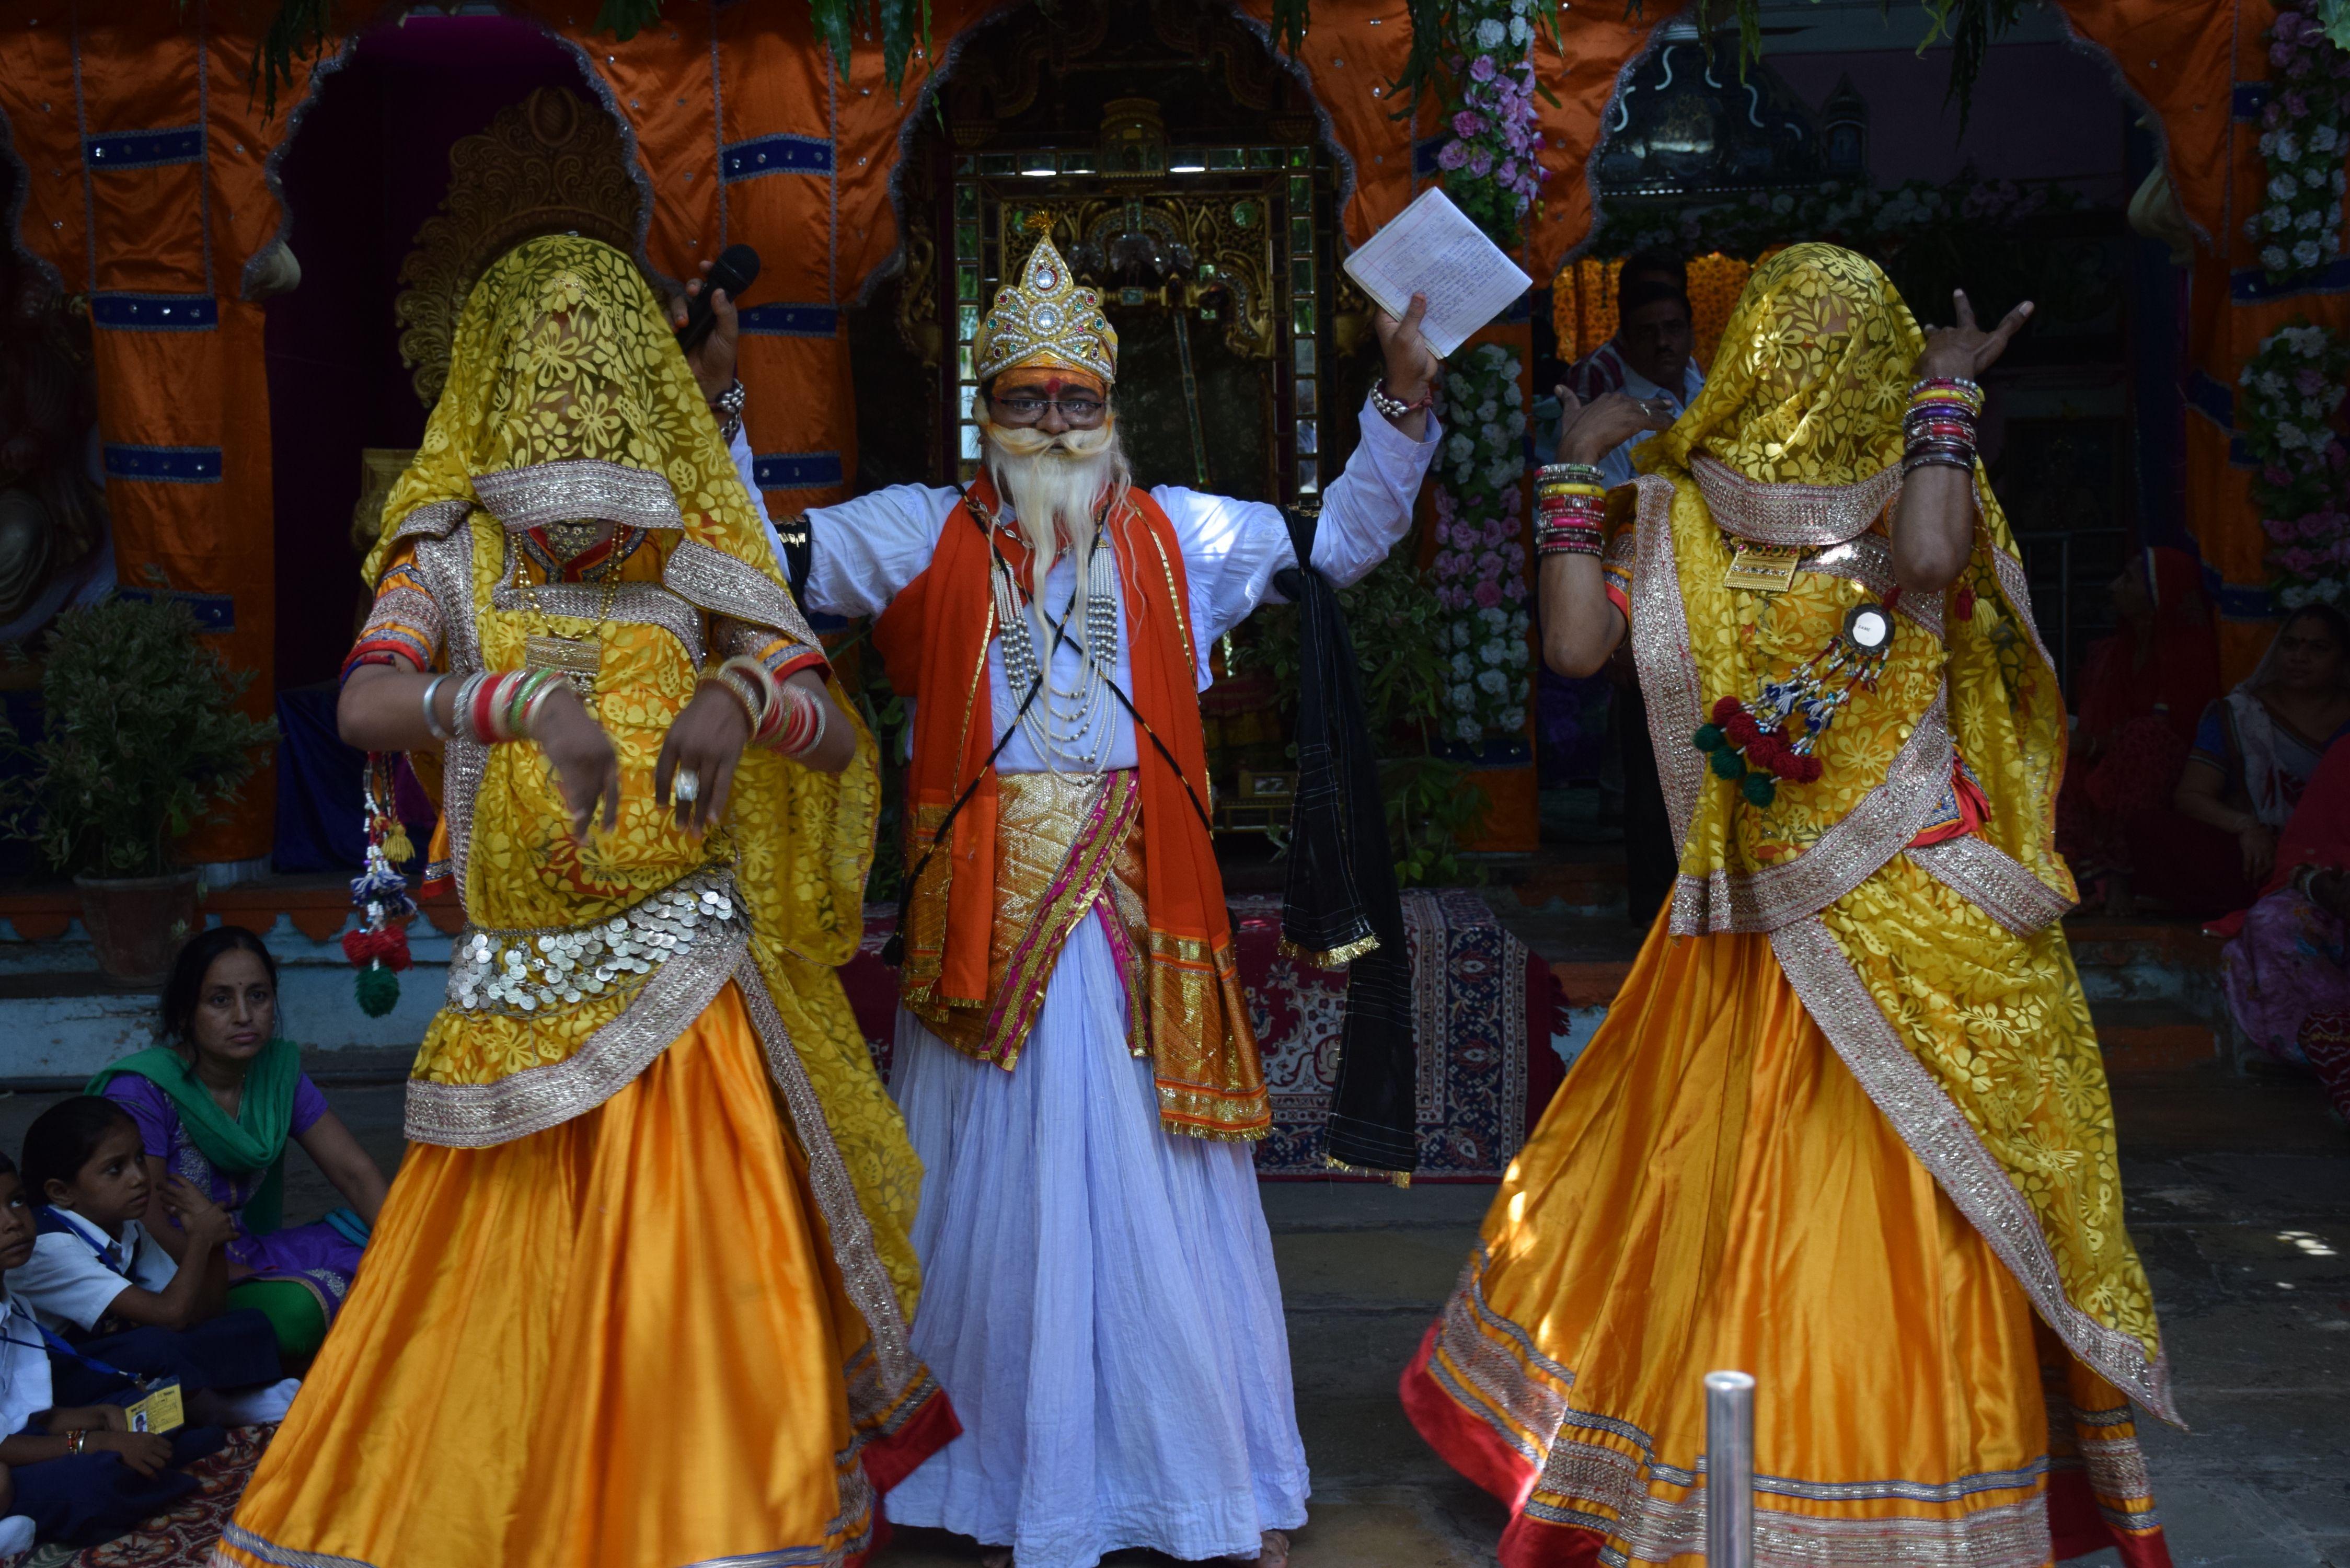 कृष्ण मंदिरों में गूूंजे बधाइयों के गीत.. अस्थल आश्रम मेंं धूमधाम से मनाया गया नन्दोत्सव